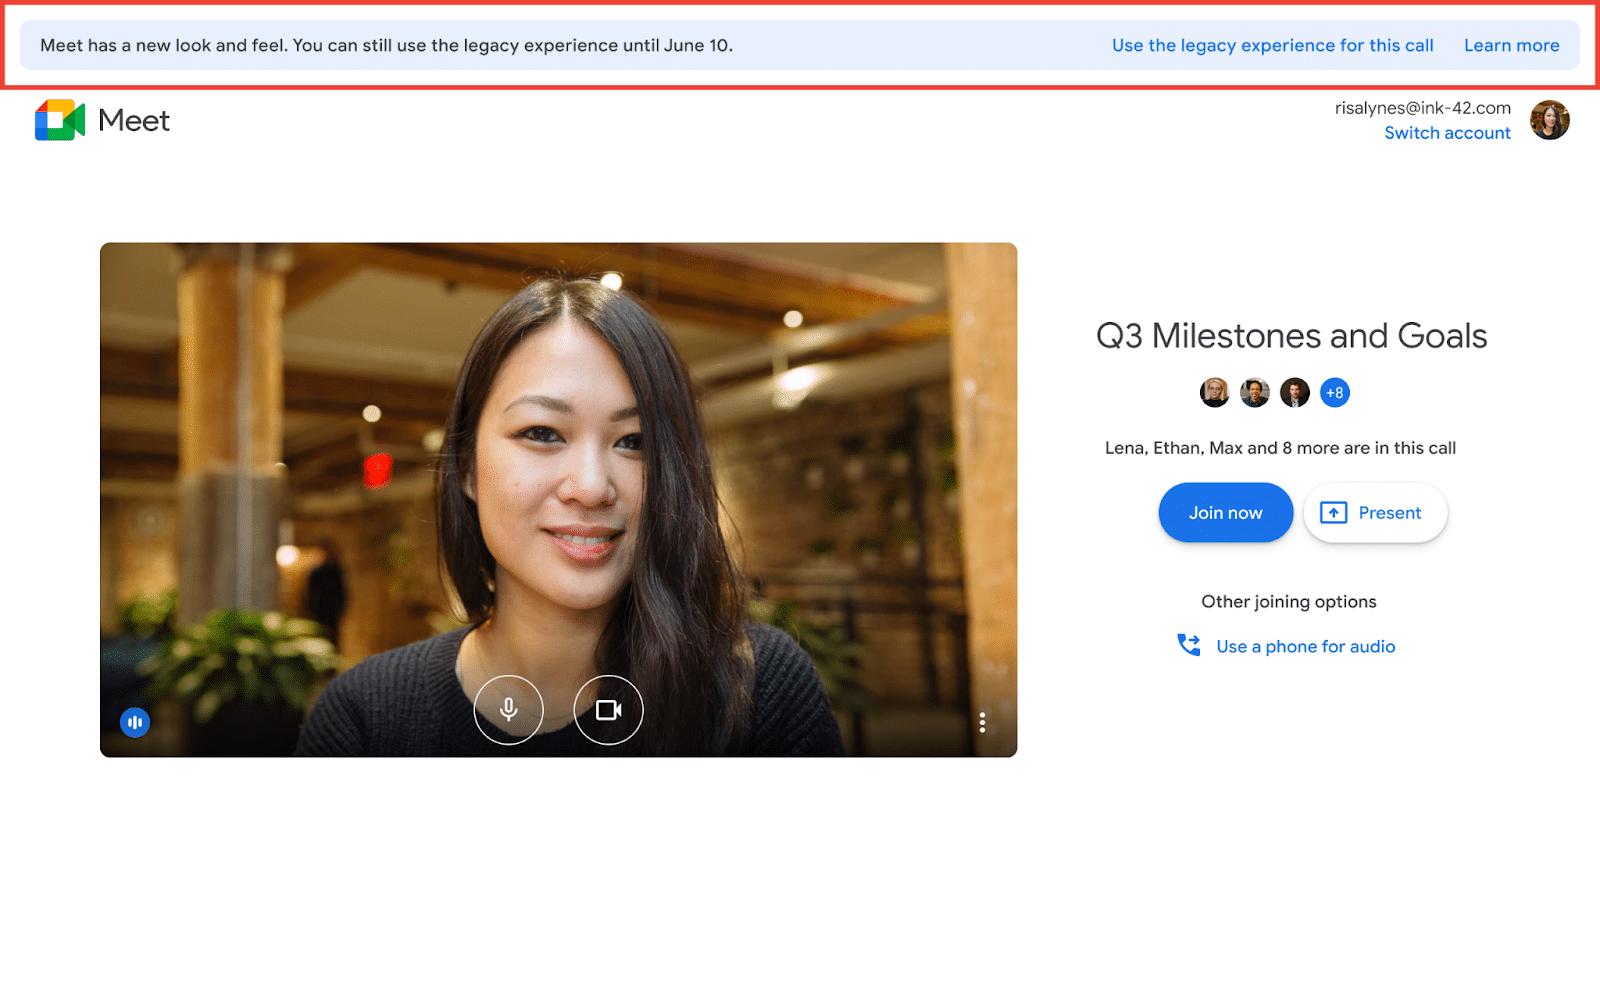 Alerta do Google Meet